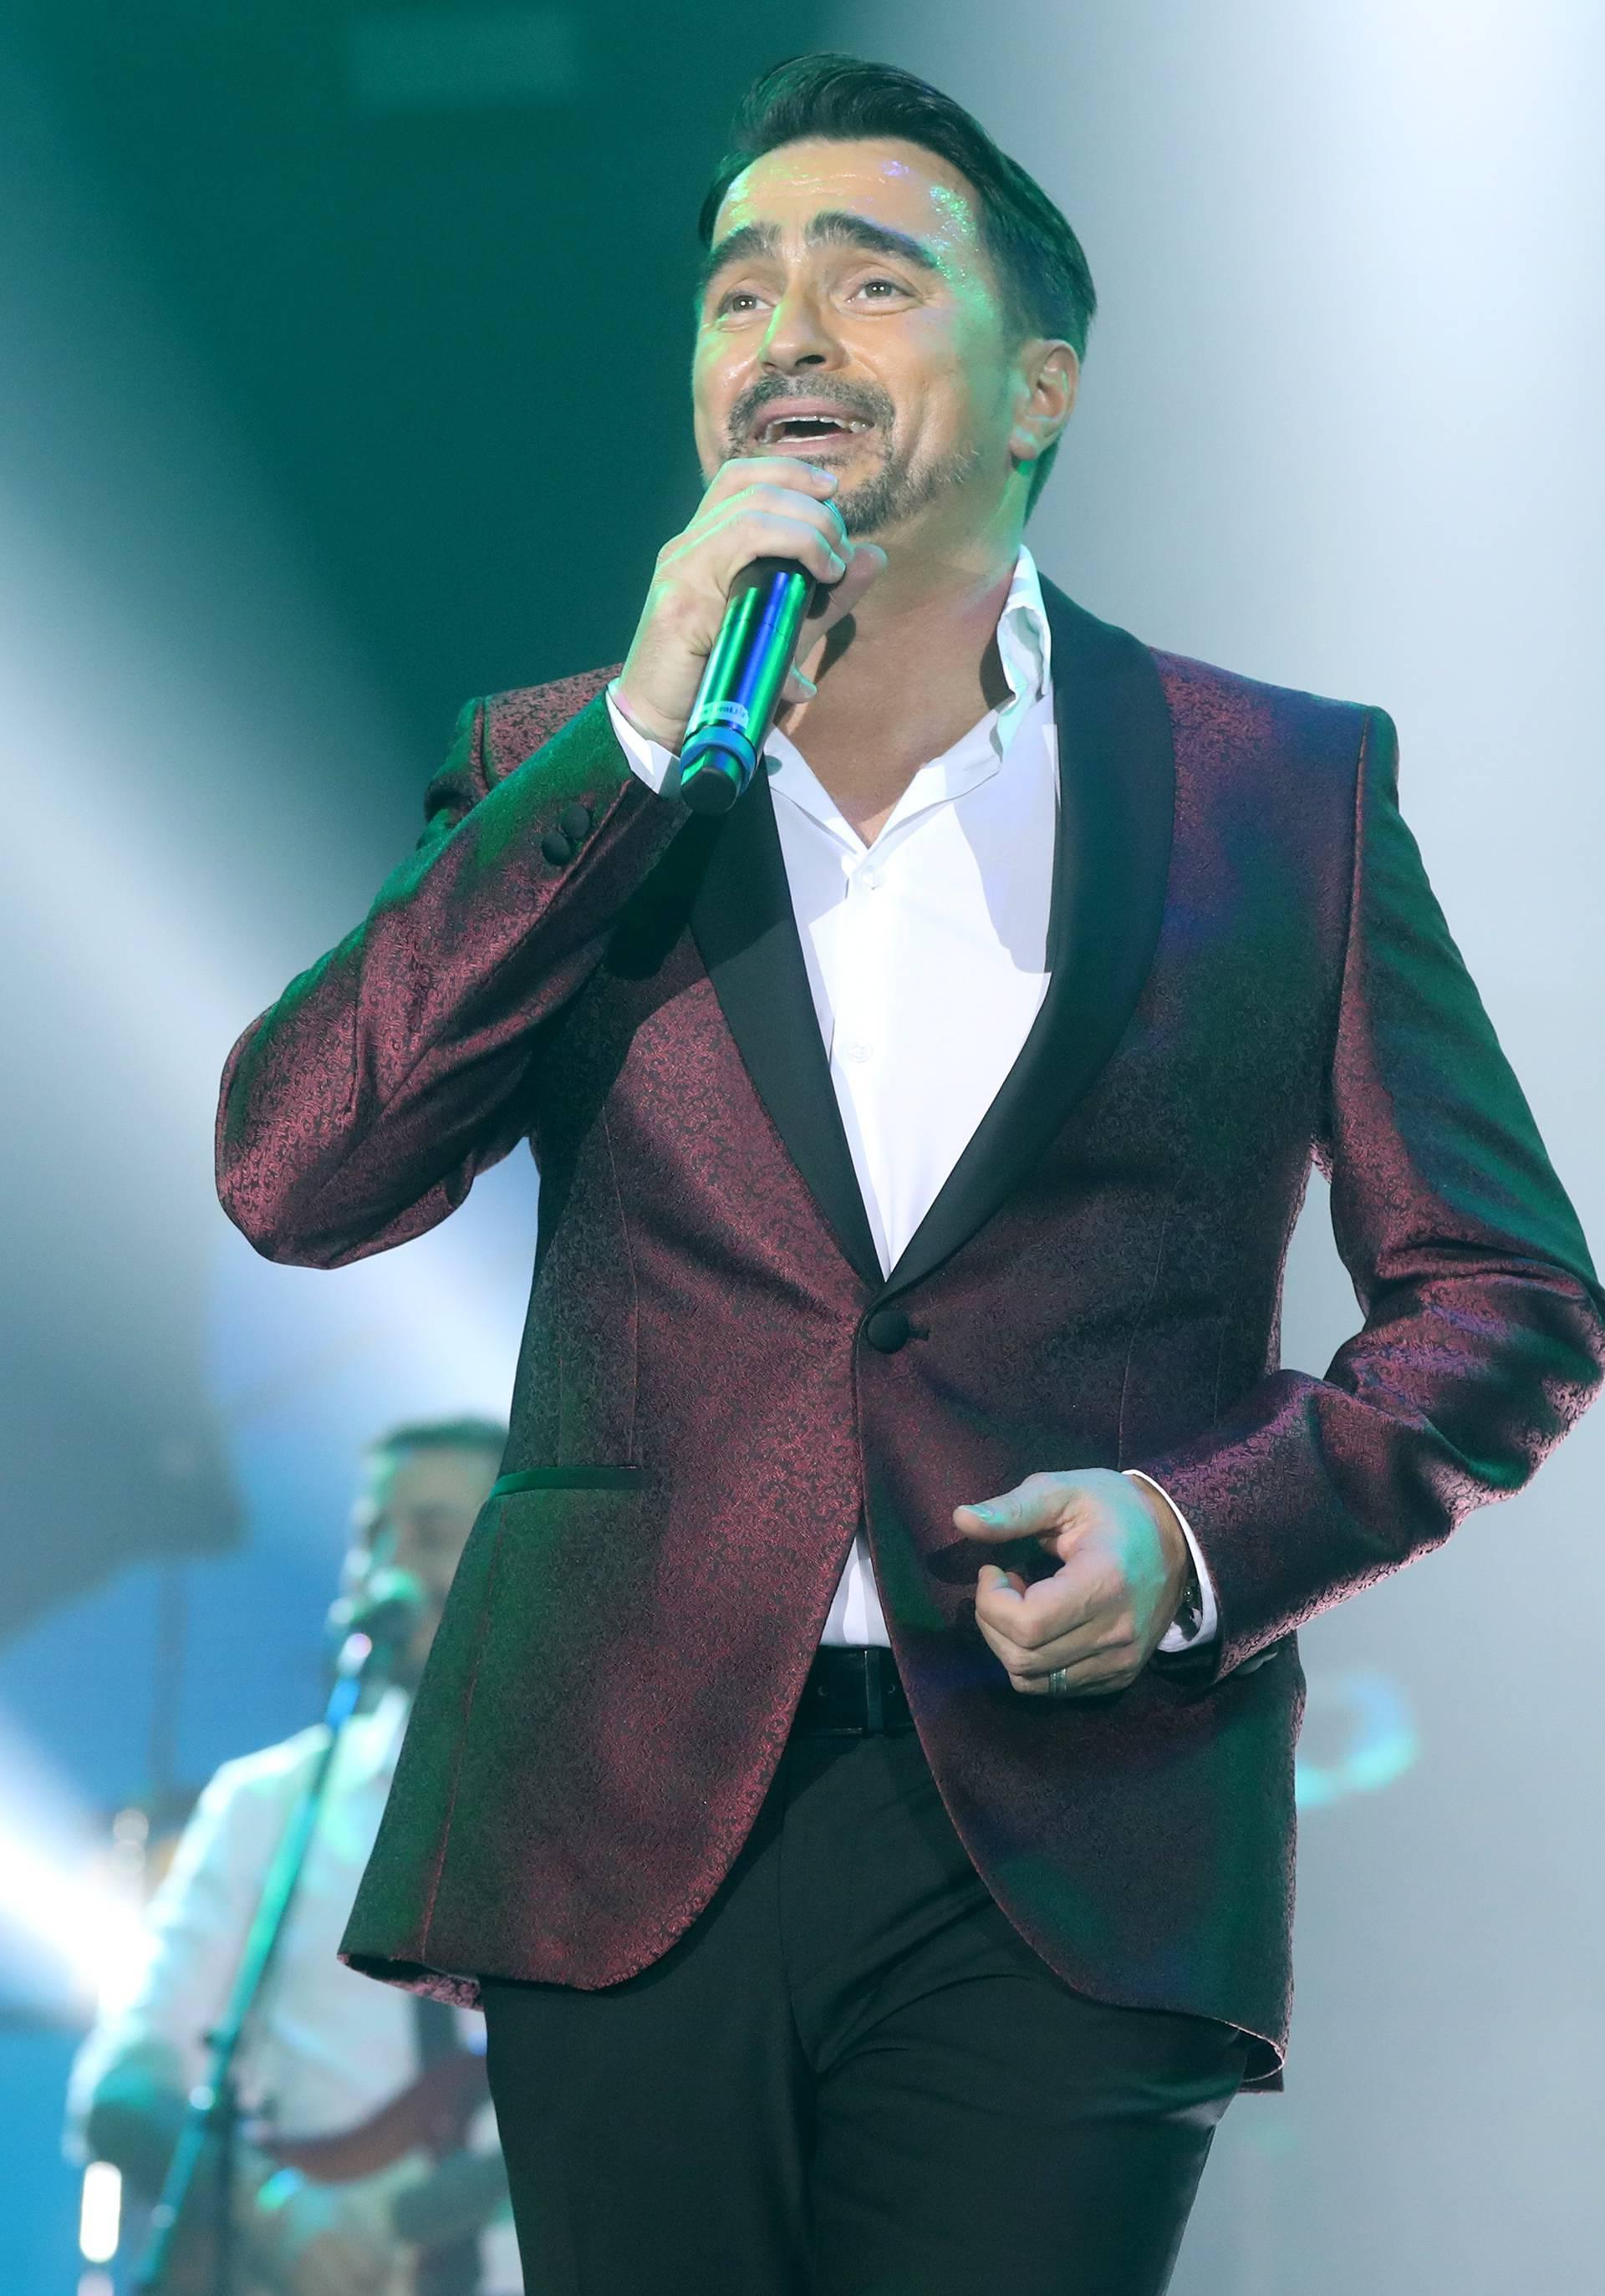 Zagreb: Jole koncertom u KC Dražen Petrović obilježio 20 godina karijere